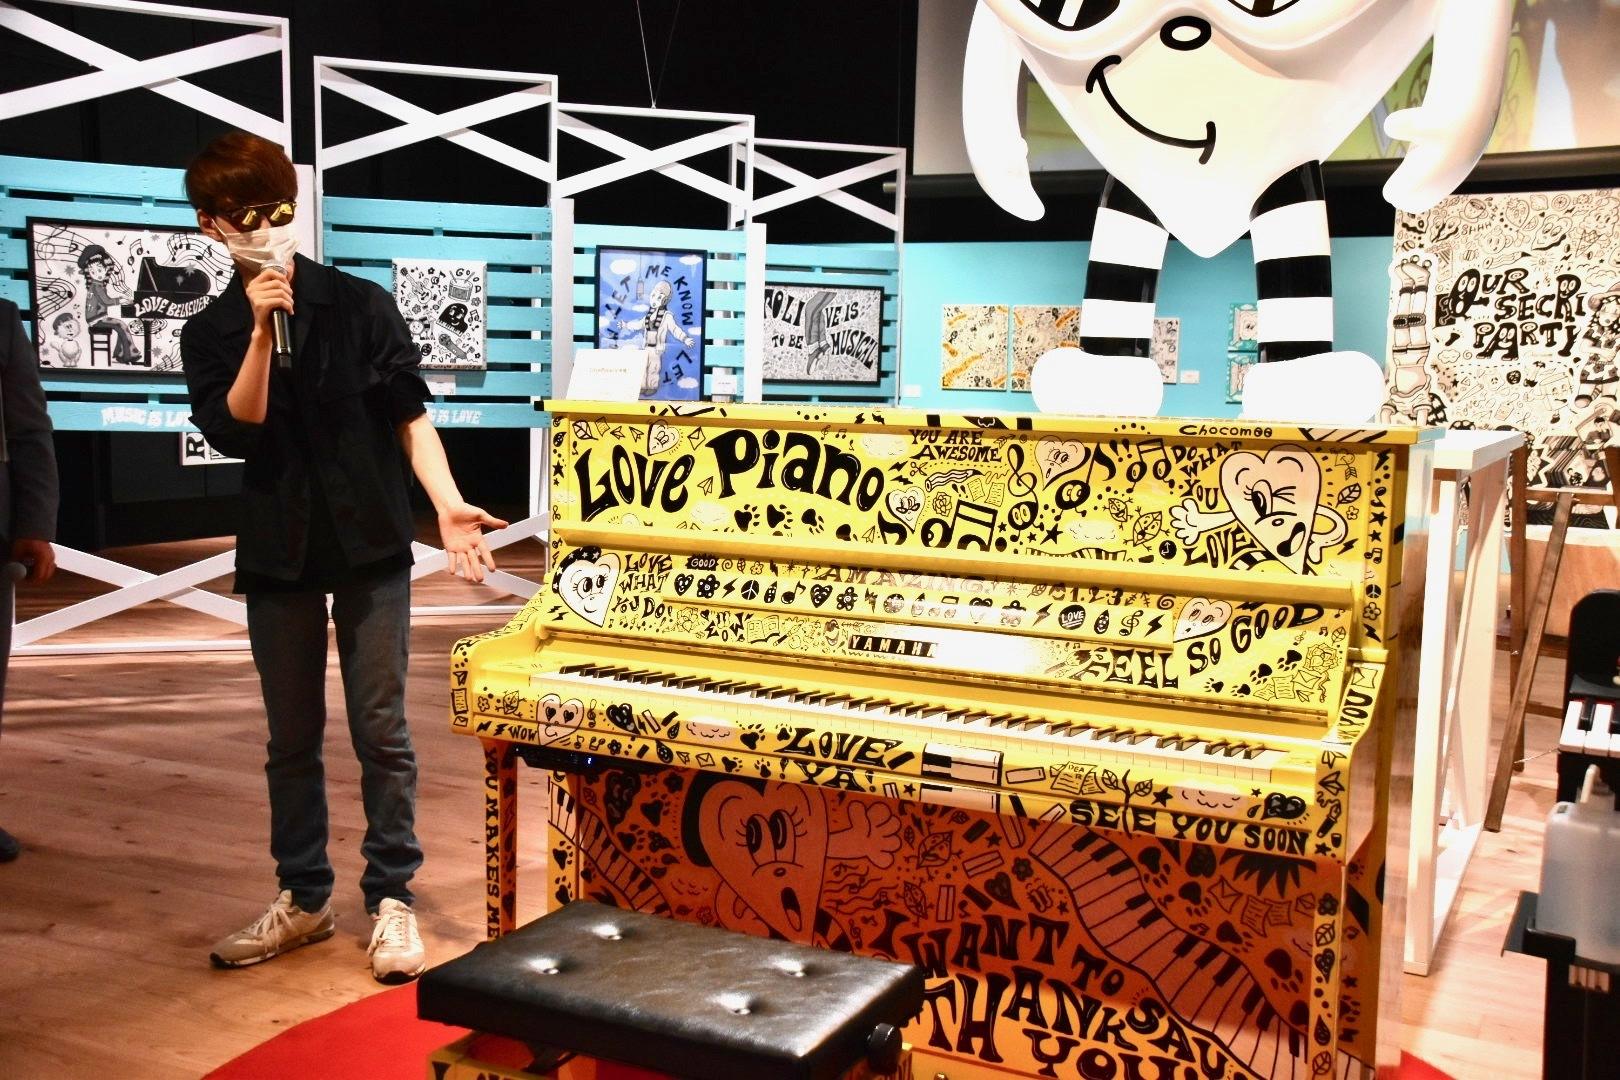 内覧会にはピアニストYouTuberのよみぃも来場。右:ヤマハストリートピアノ《LovePiano5号機》2020年